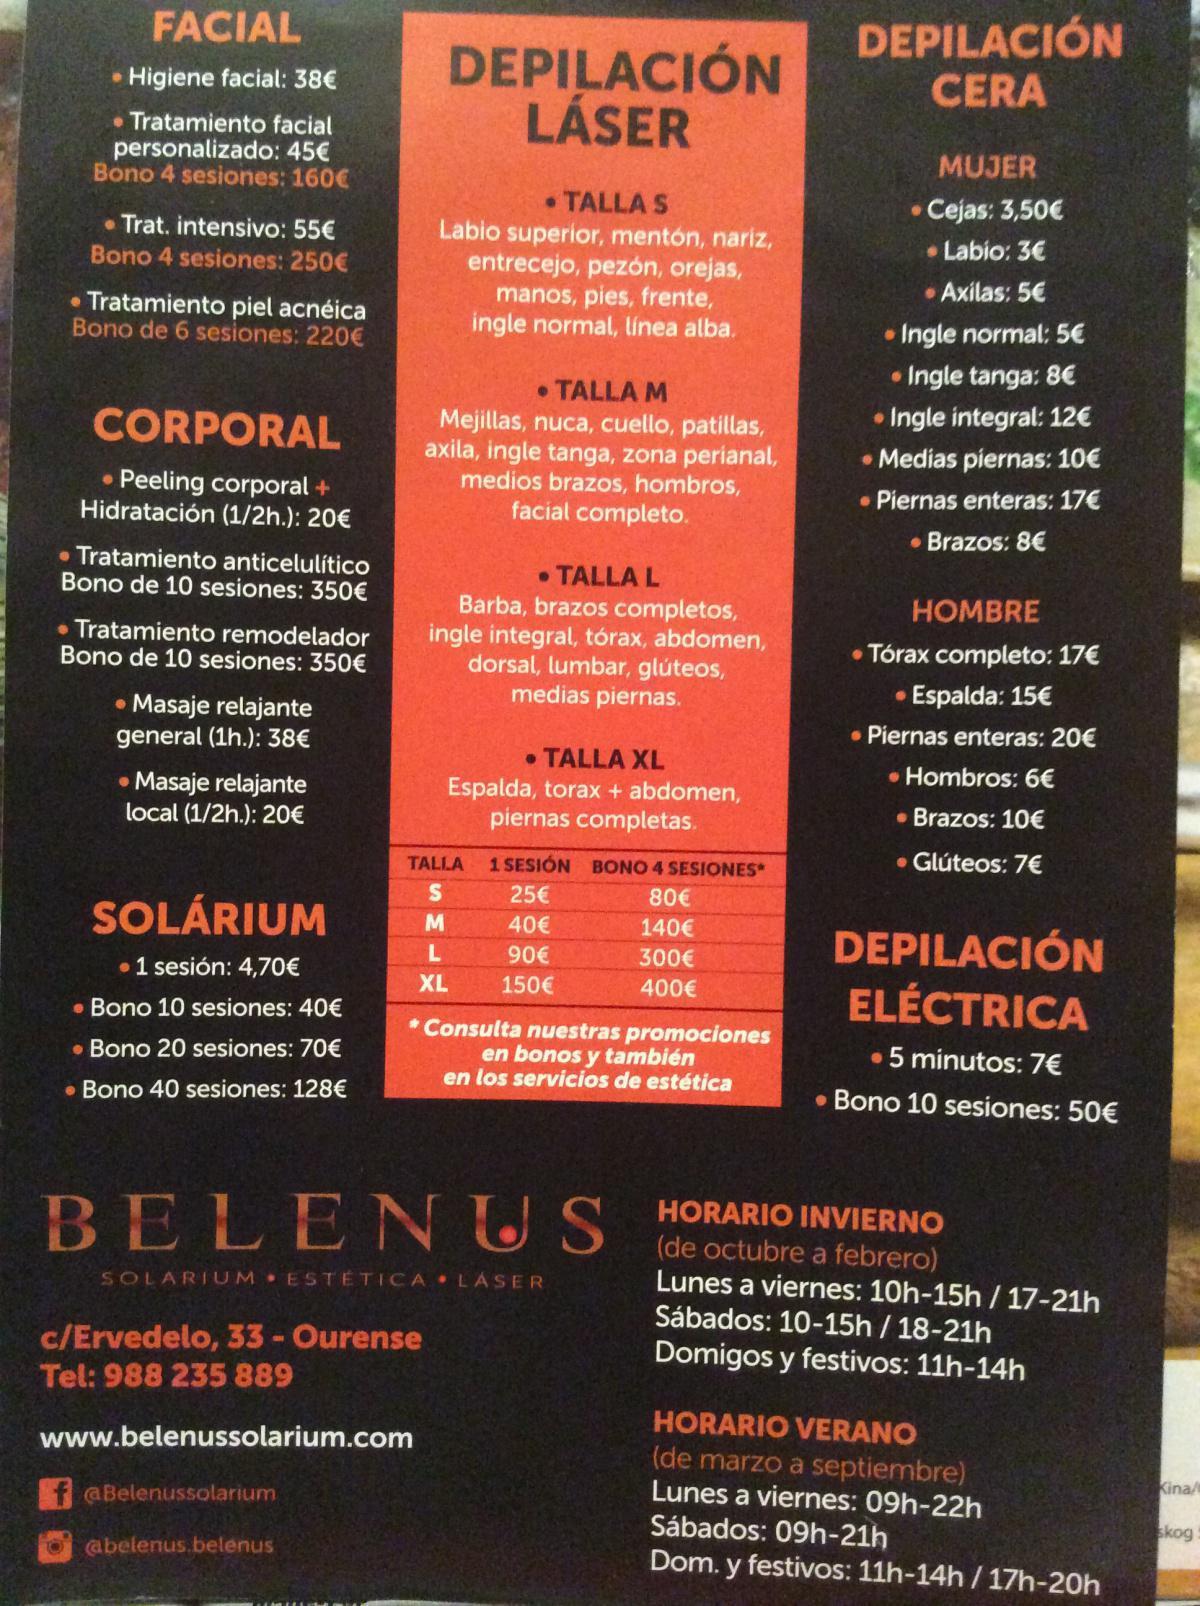 Belenus Solarium - Estética - Láser